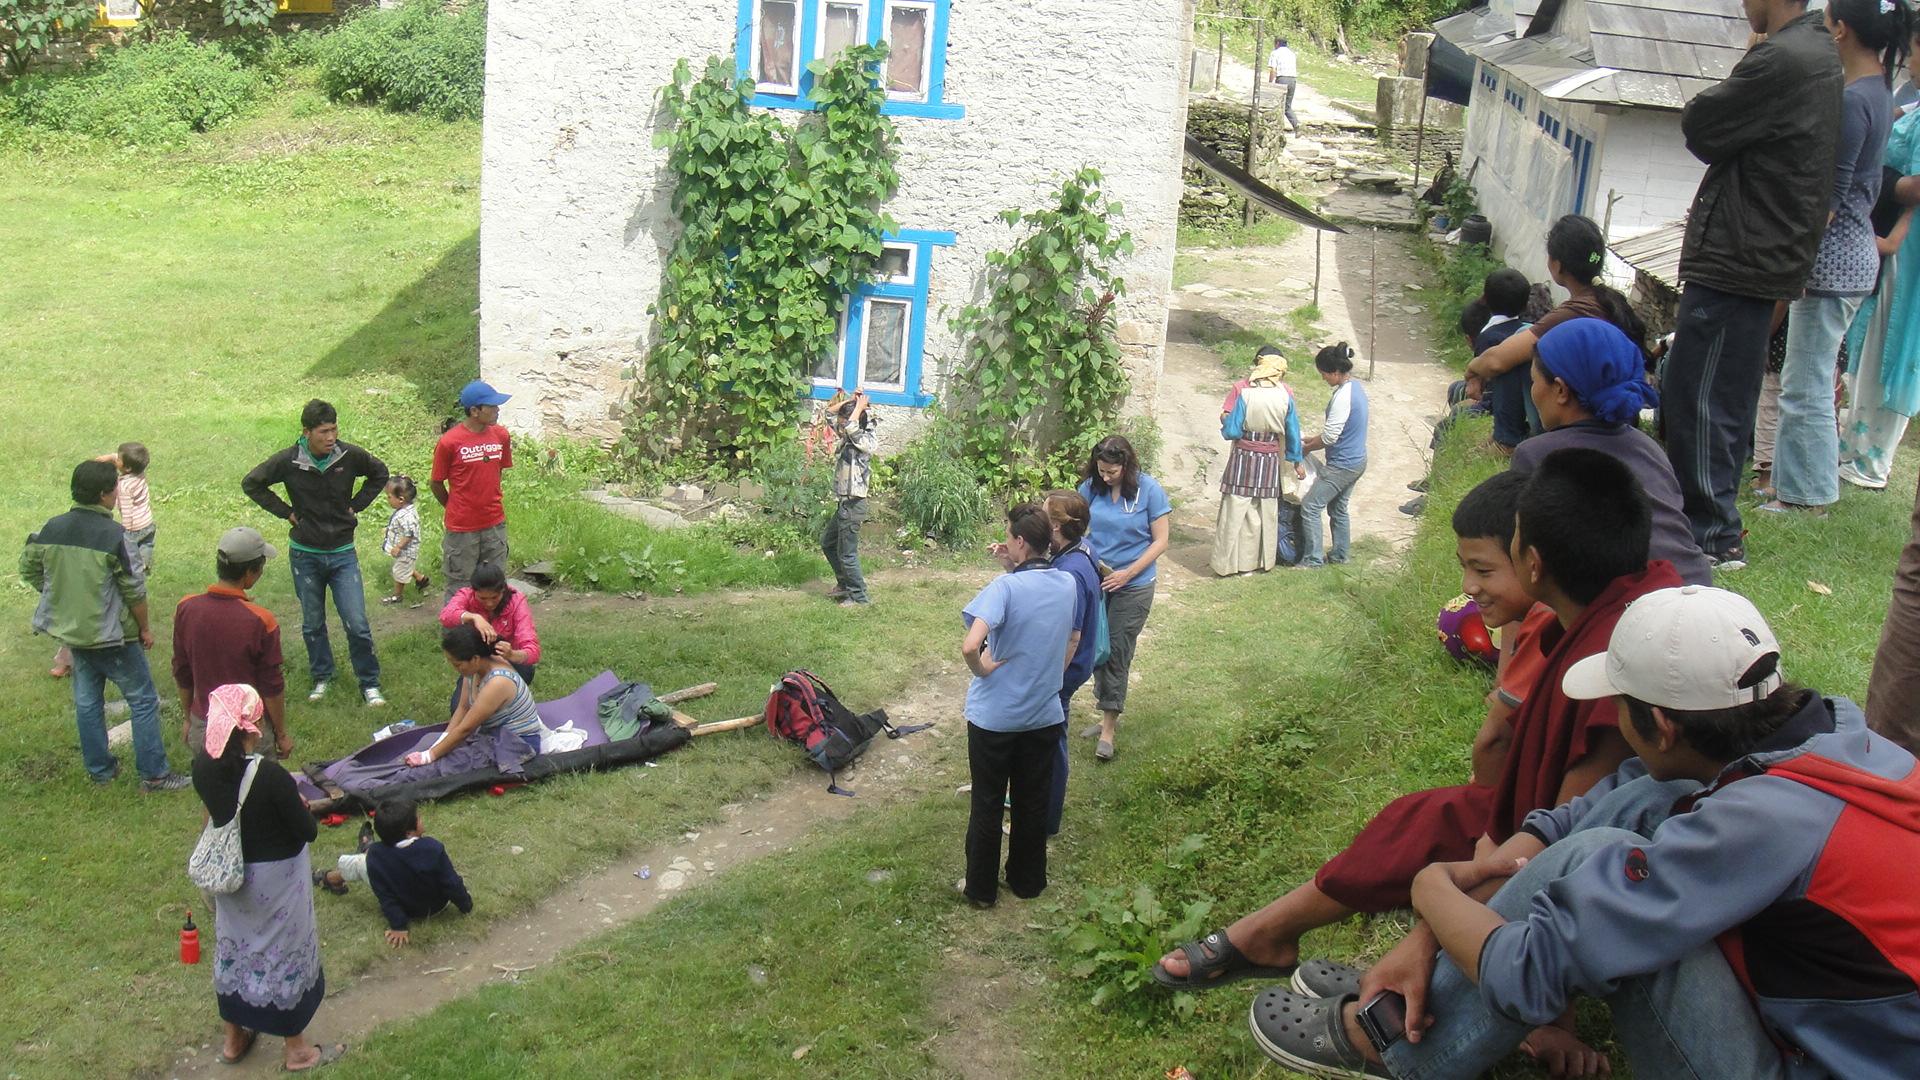 Medical_Work_Volunteer_Adventure_Alternative_Nepal.JPG